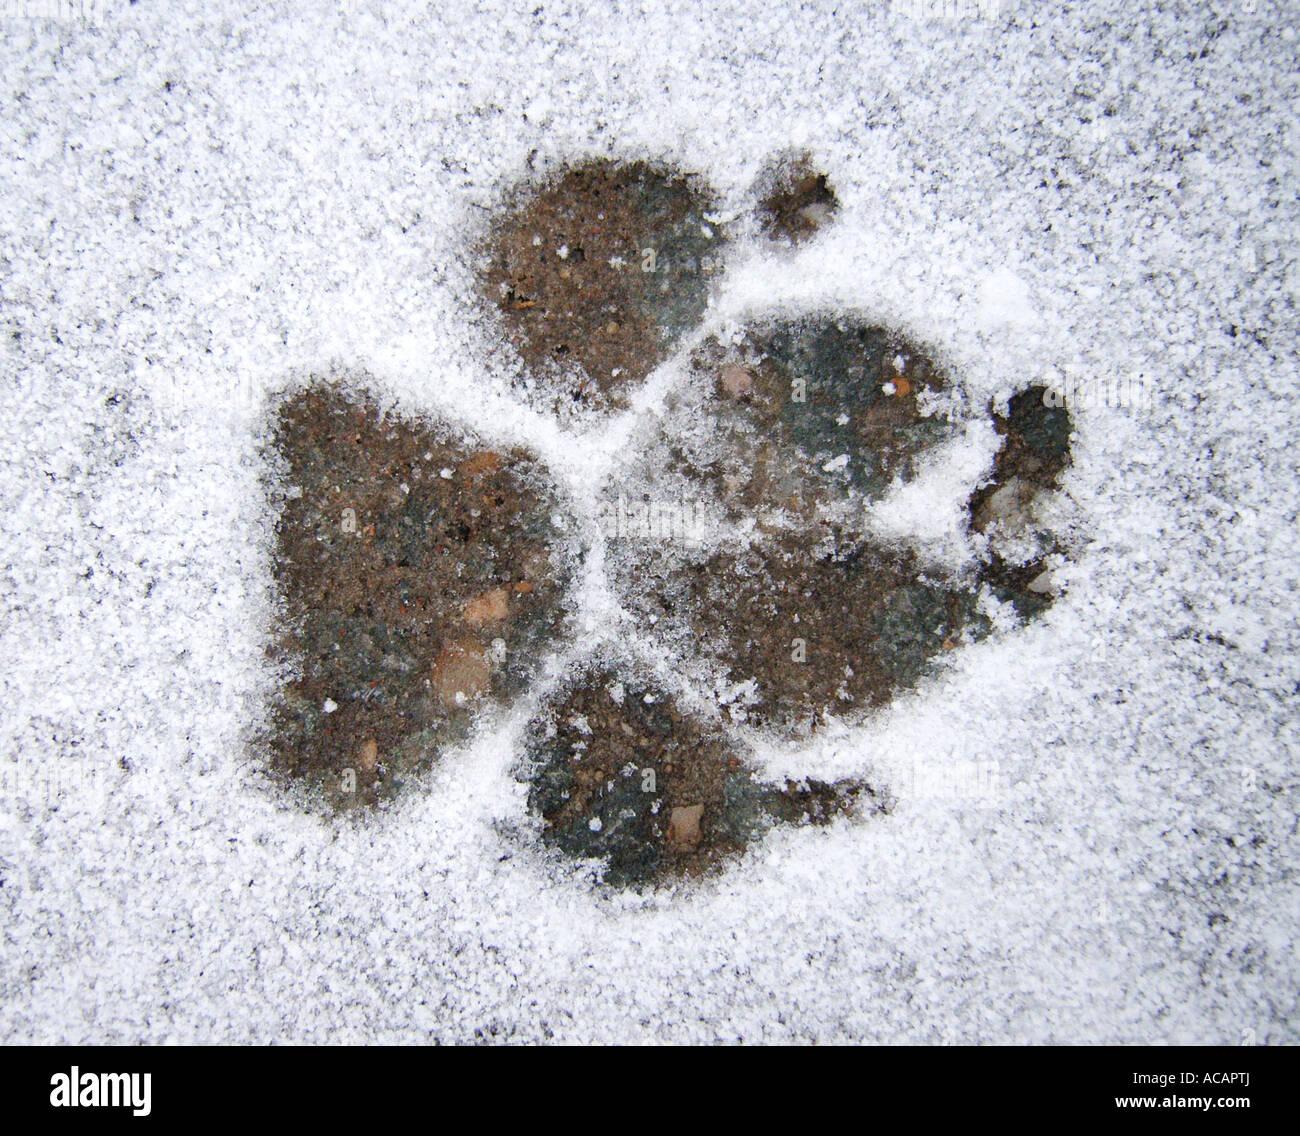 fussabdruck im schnee stock photos & fussabdruck im schnee stock